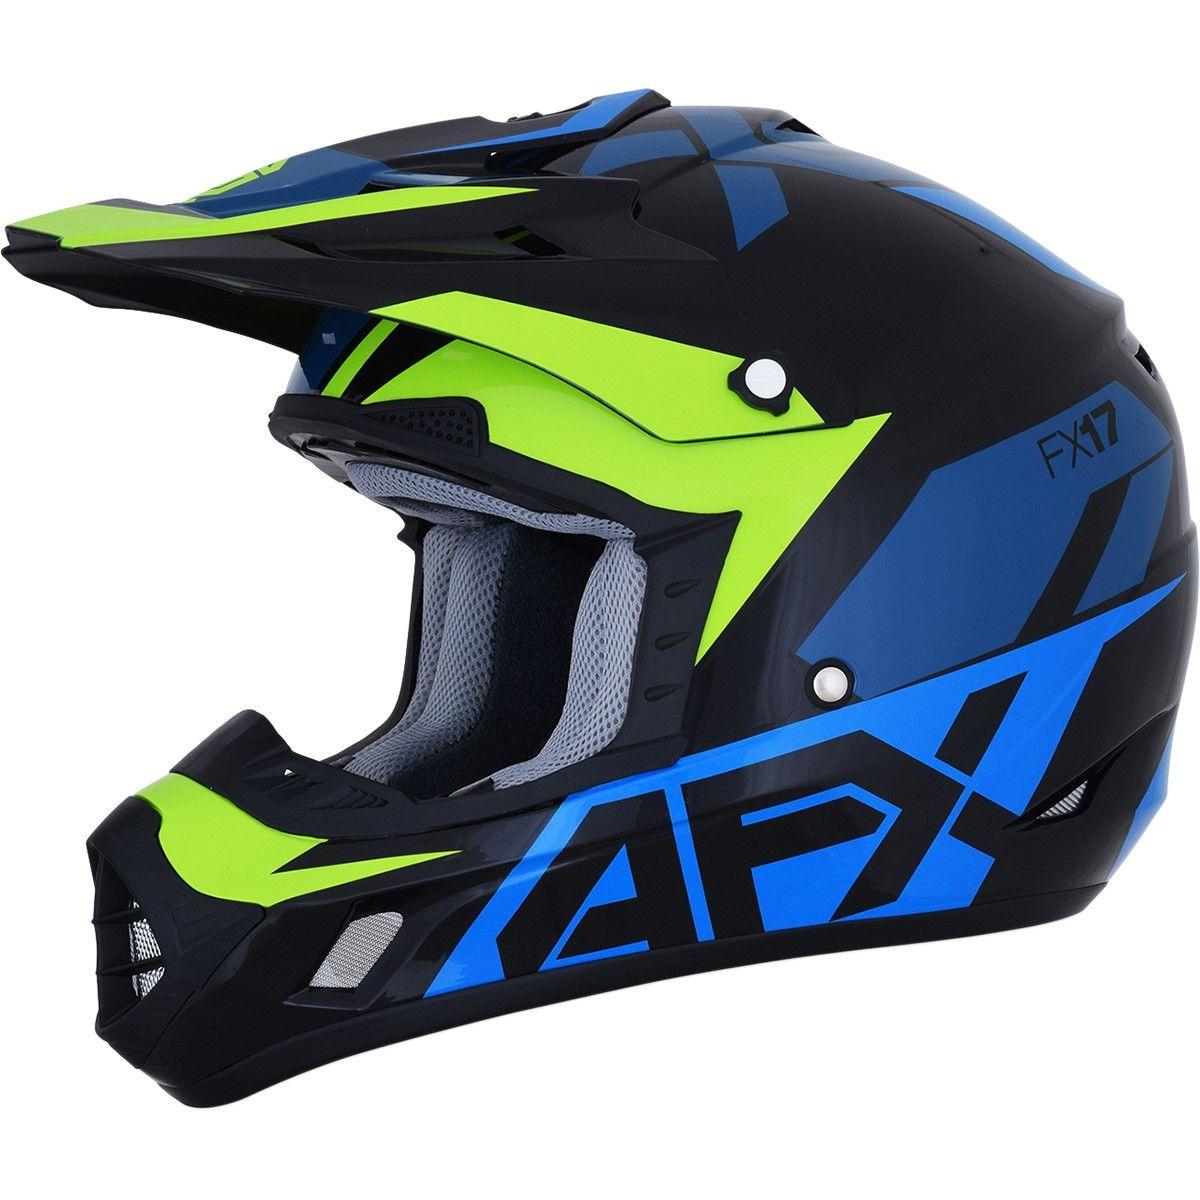 AFX Crosshelm FX-17 Matte Blue/Lime